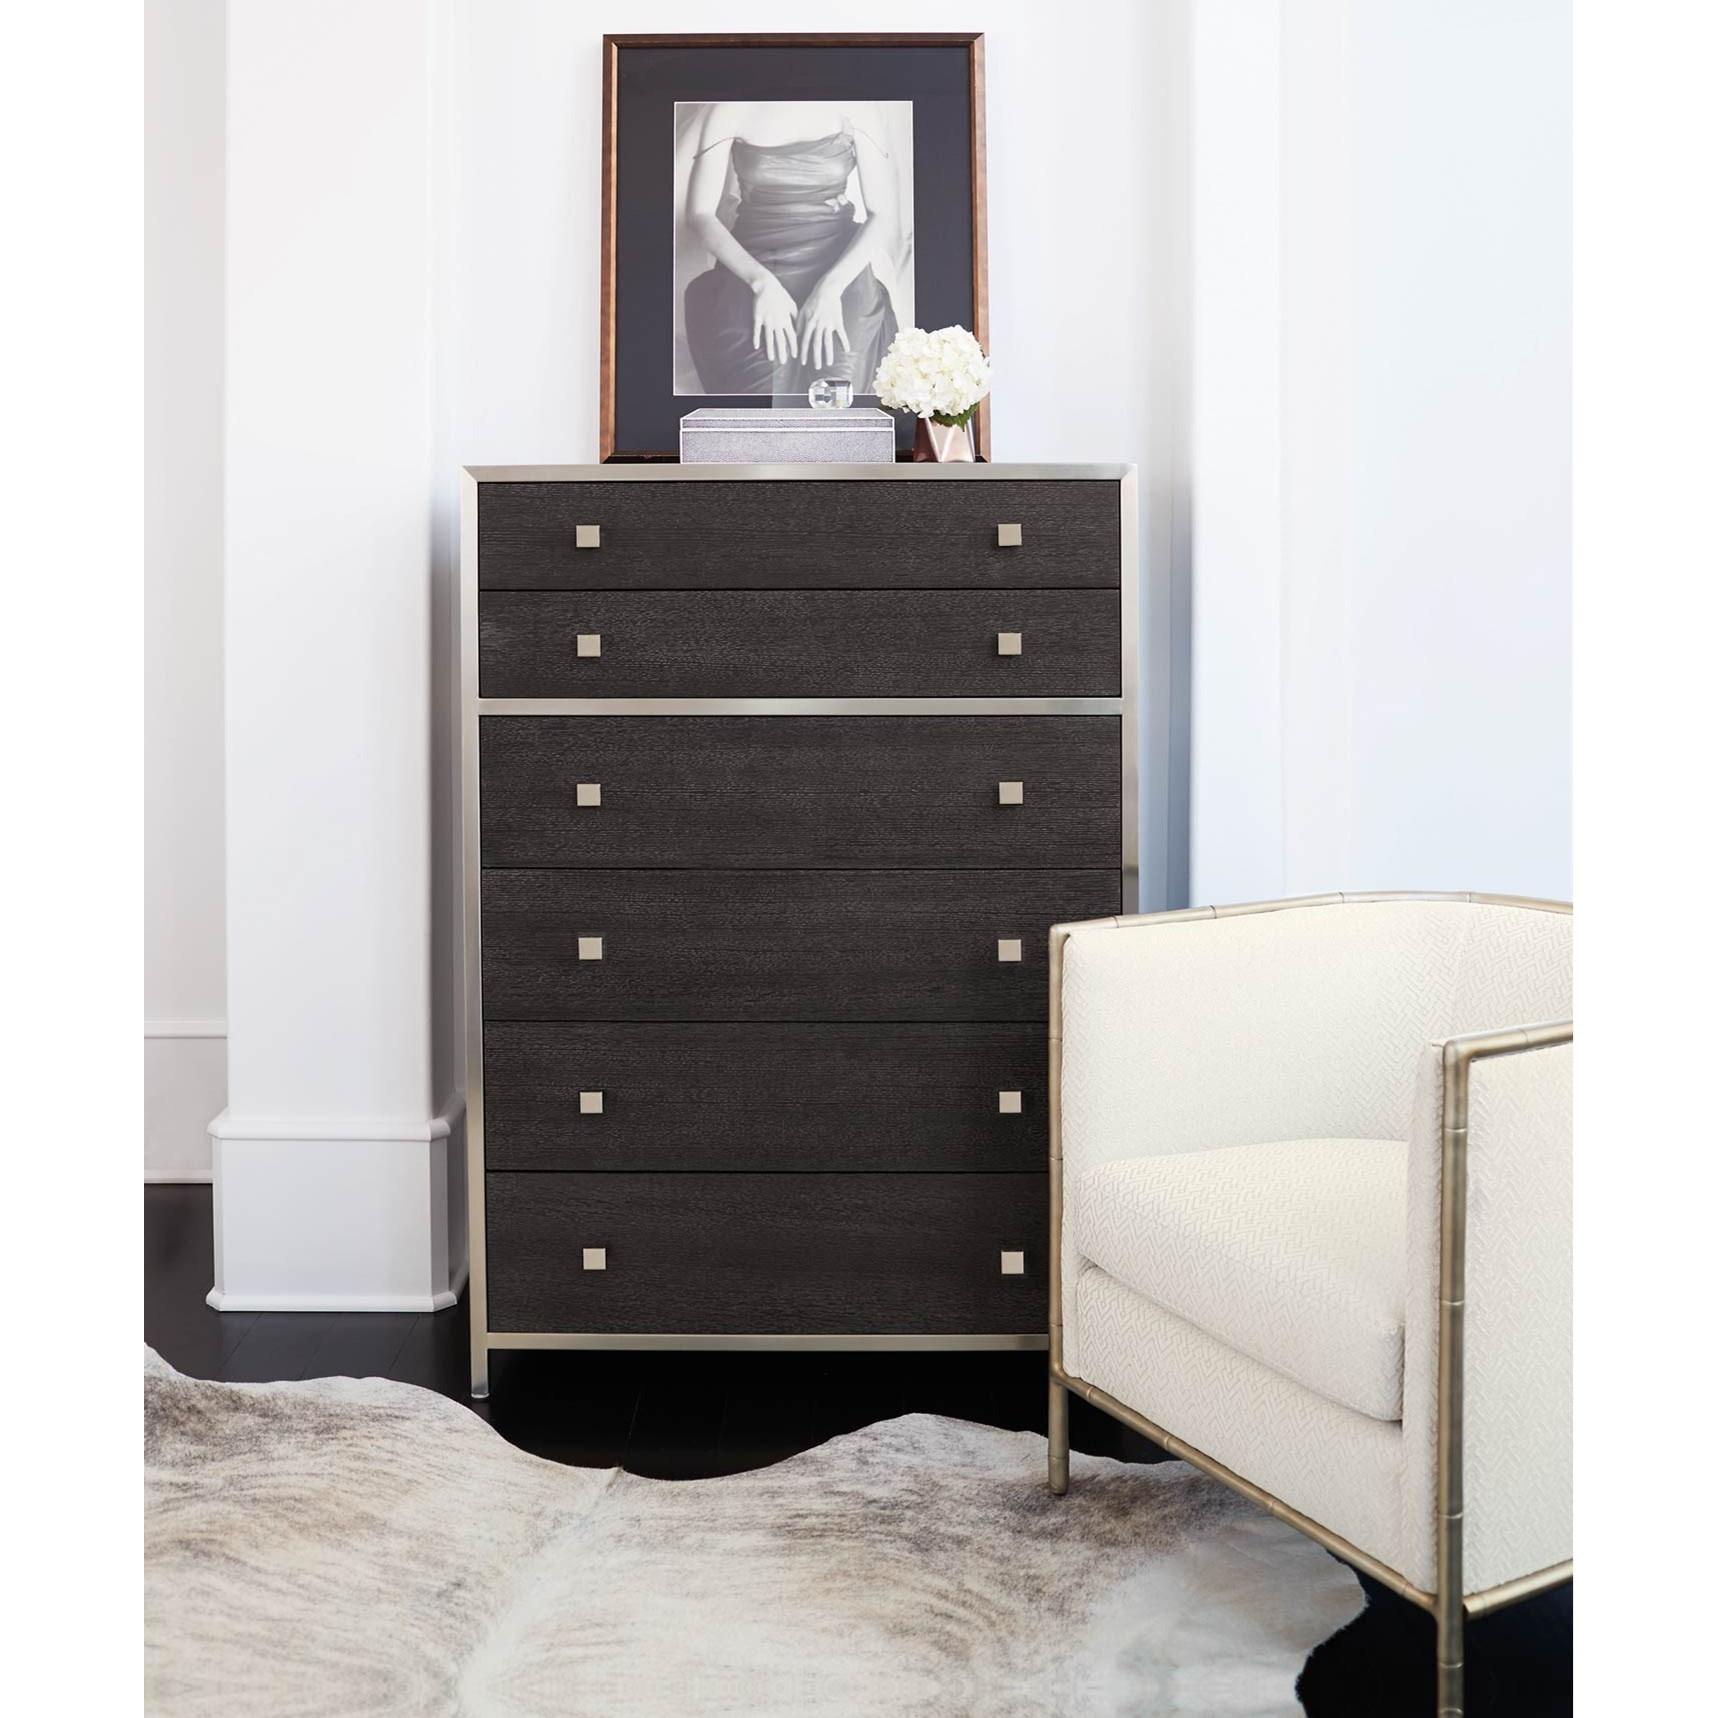 Bernhardt Decorage 380 118 Contemporary 6 Drawer Tall